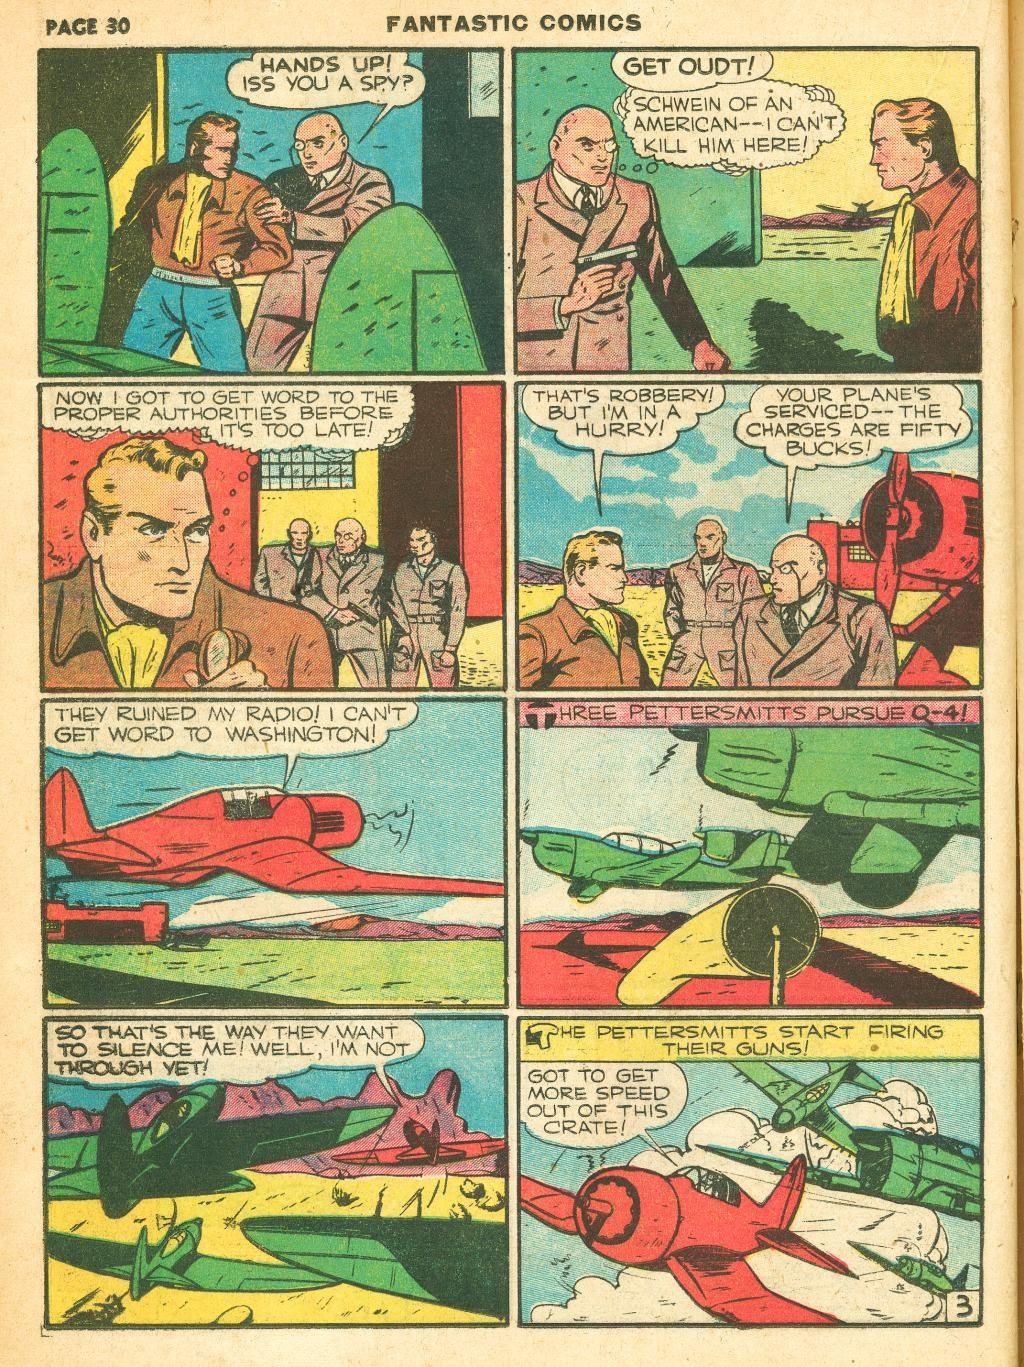 Read online Fantastic Comics comic -  Issue #12 - 32